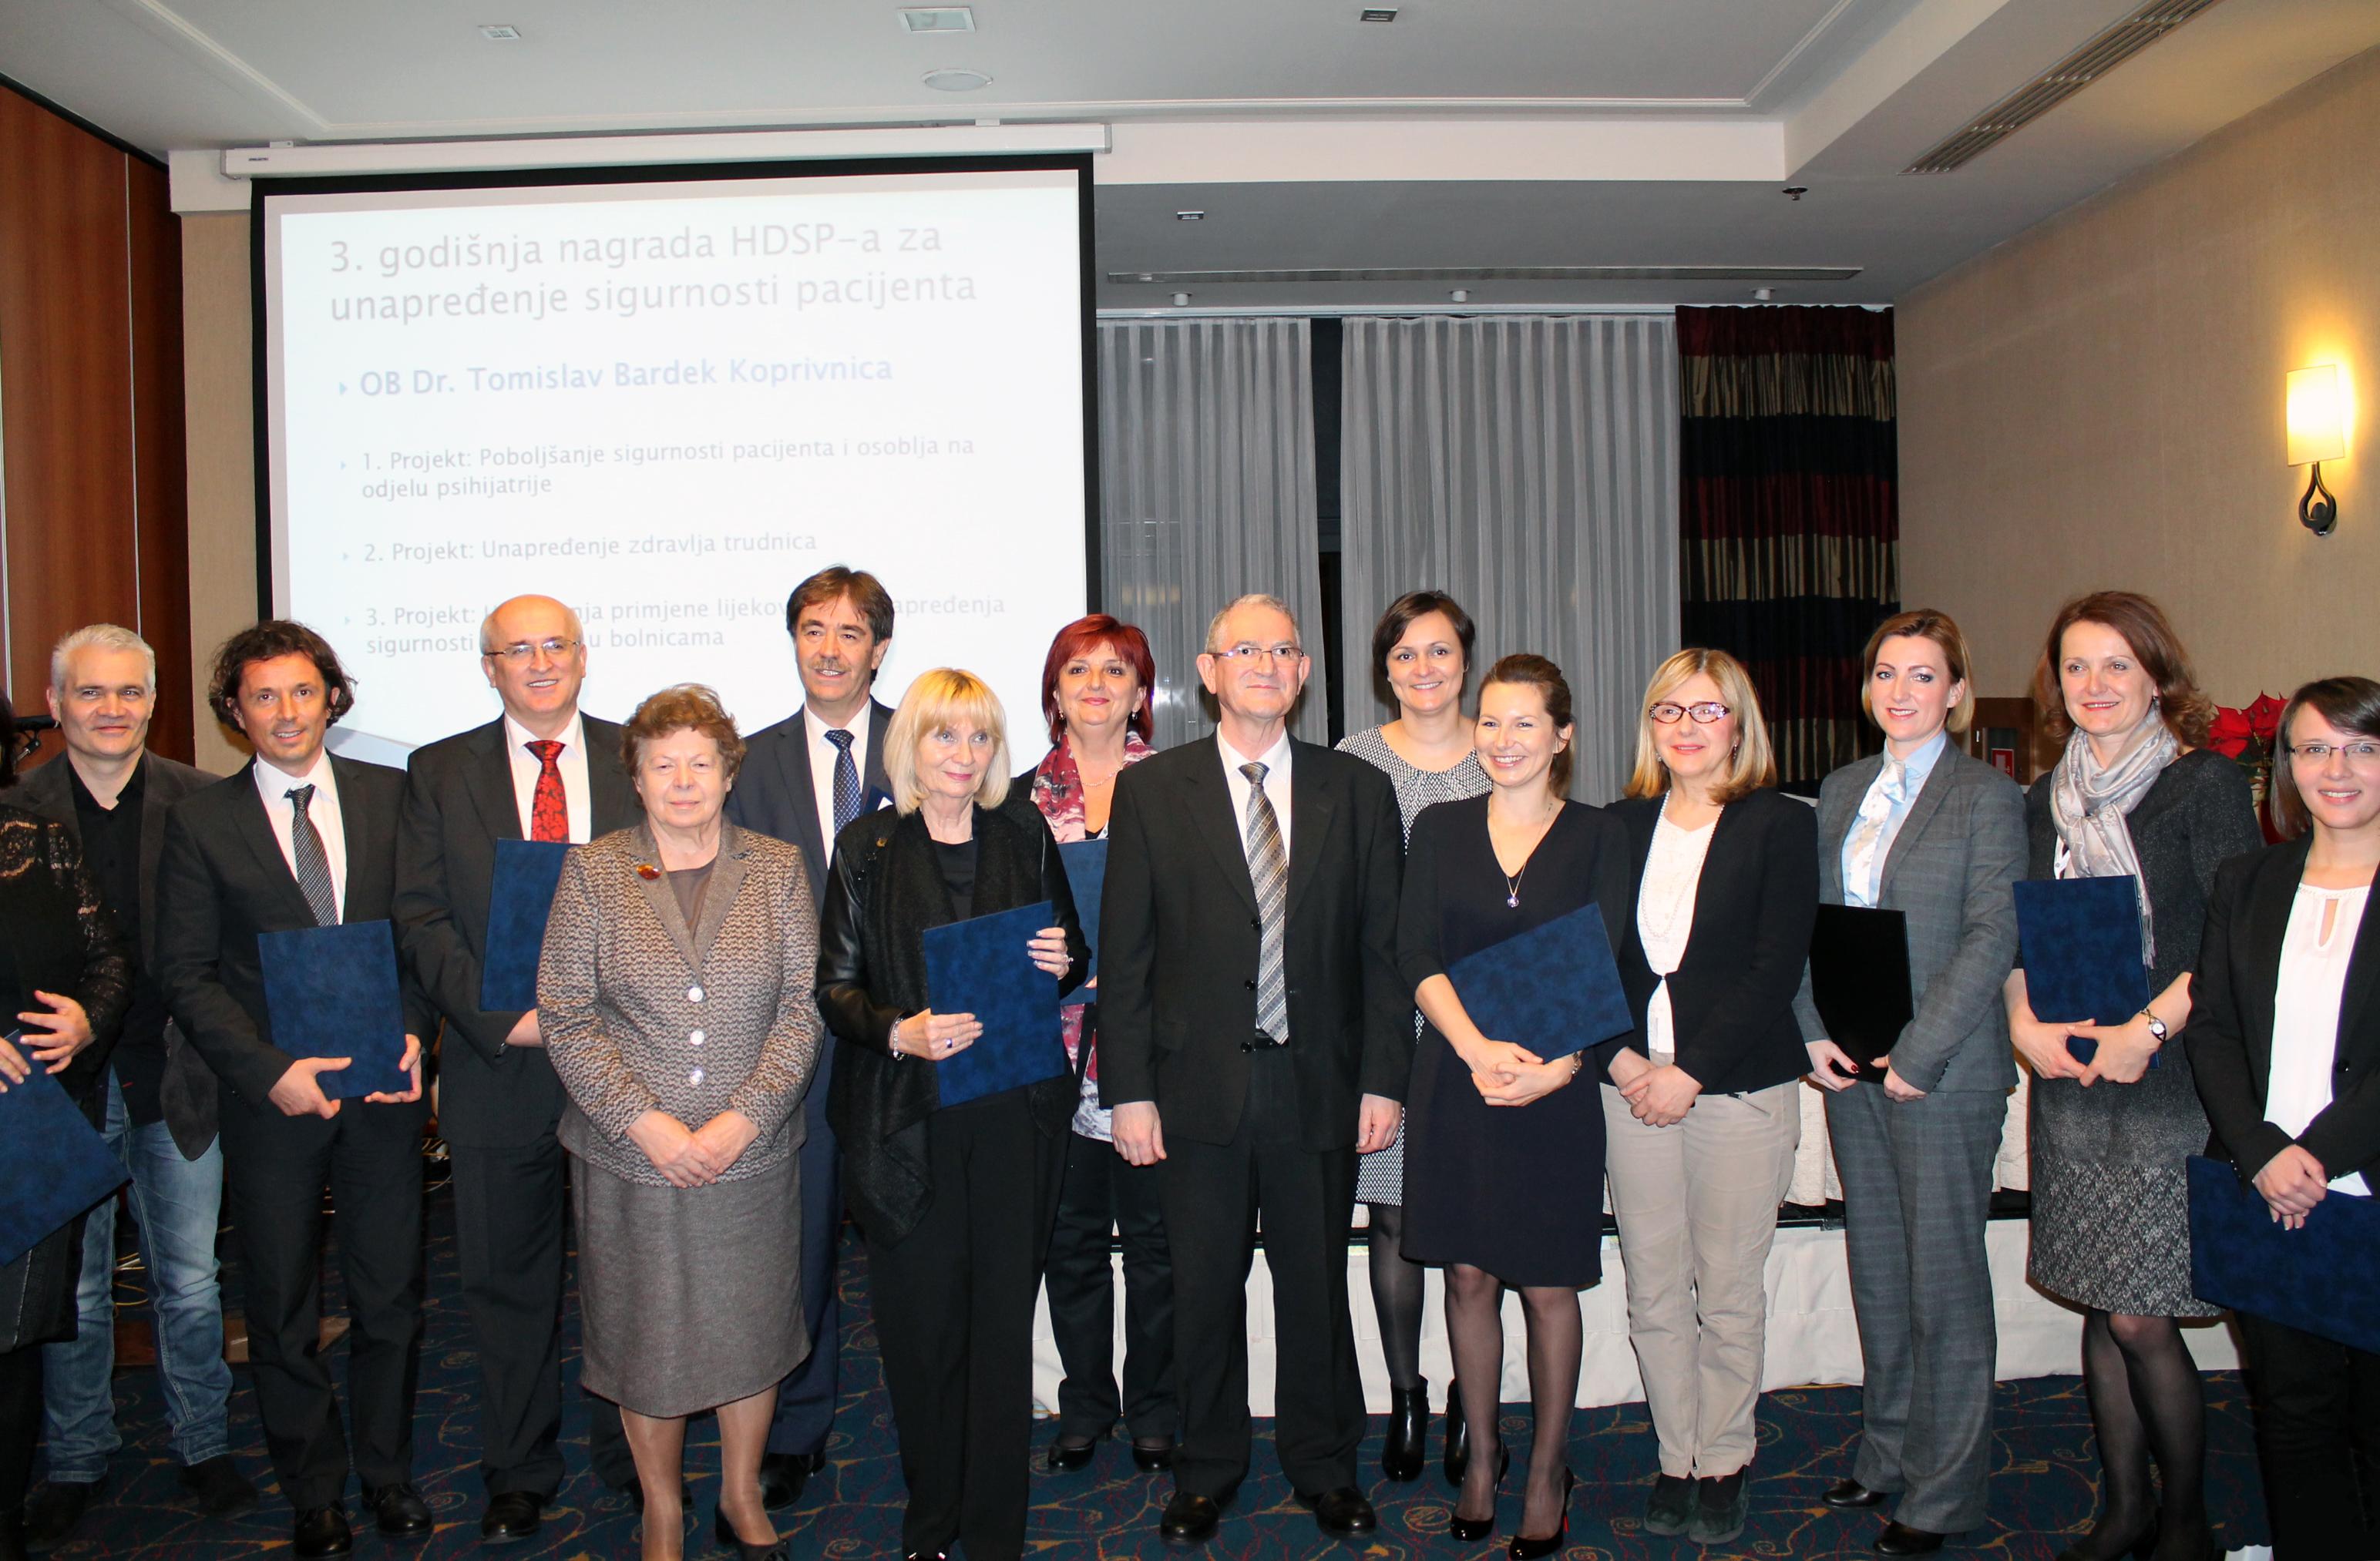 Dodjela godišnje nagrade // Foto: OB Dr. Tomislav Bardek